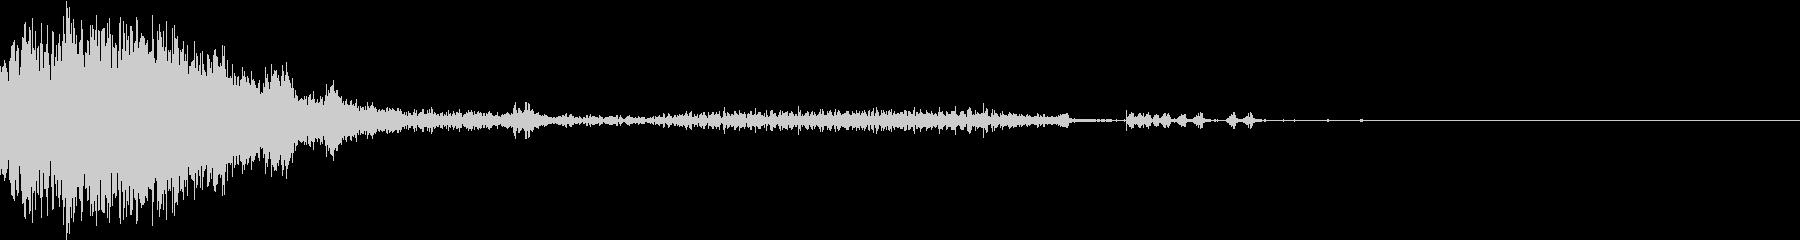 衝撃 金属音 恐怖 震撼 ホラー 37の未再生の波形